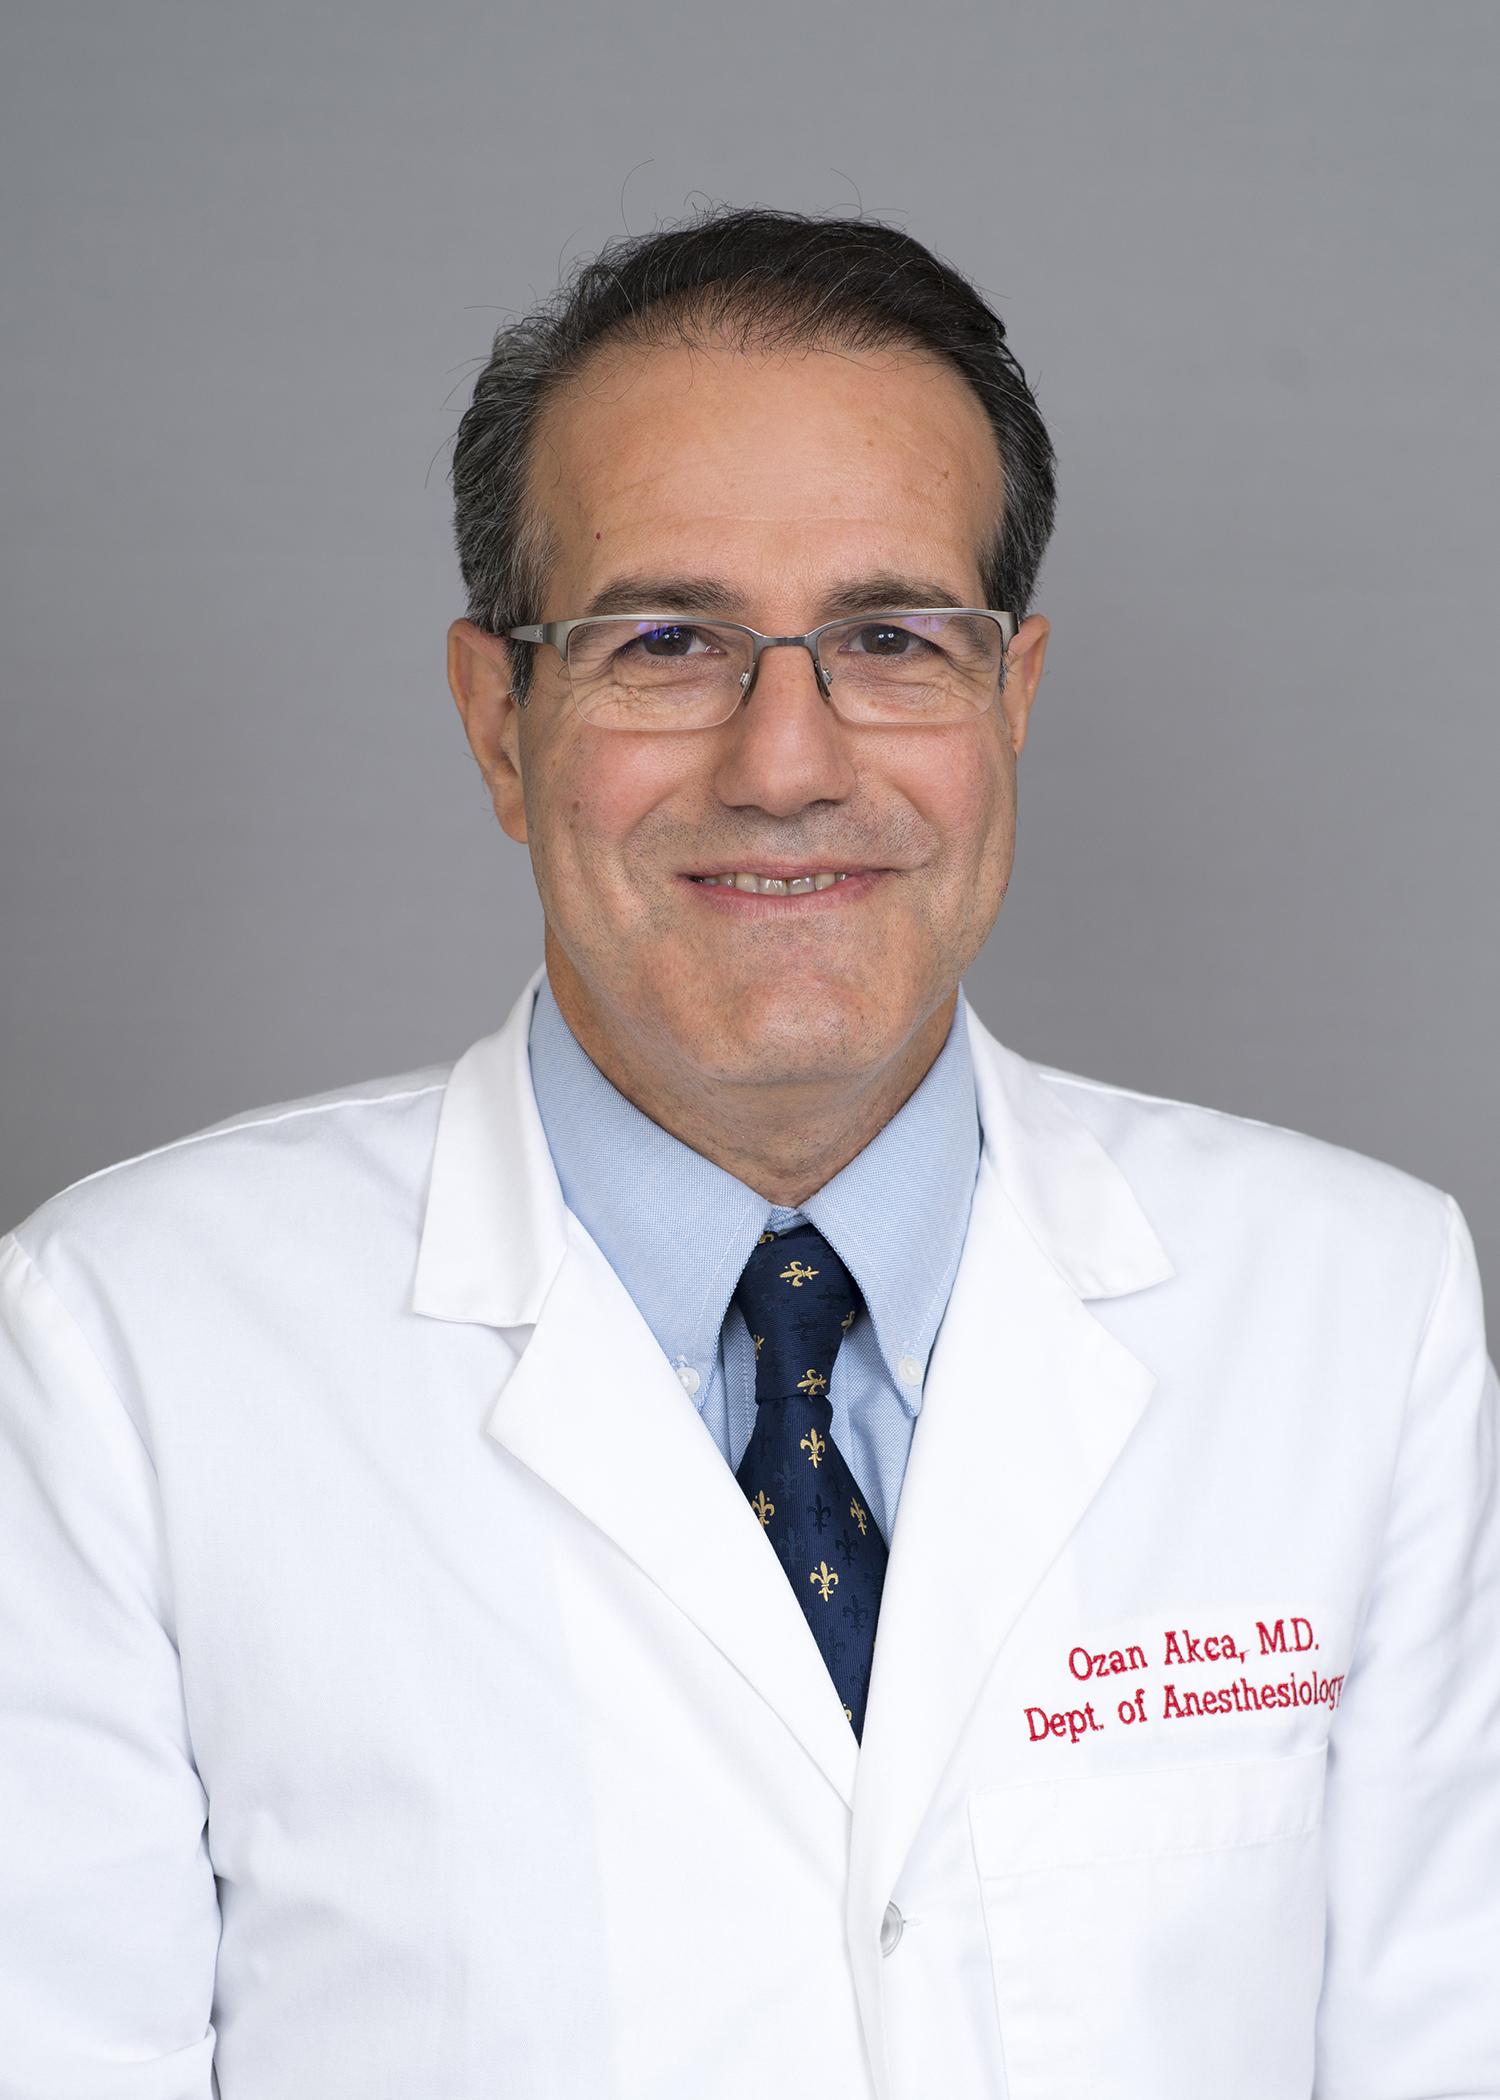 Dr. Ozan Akca